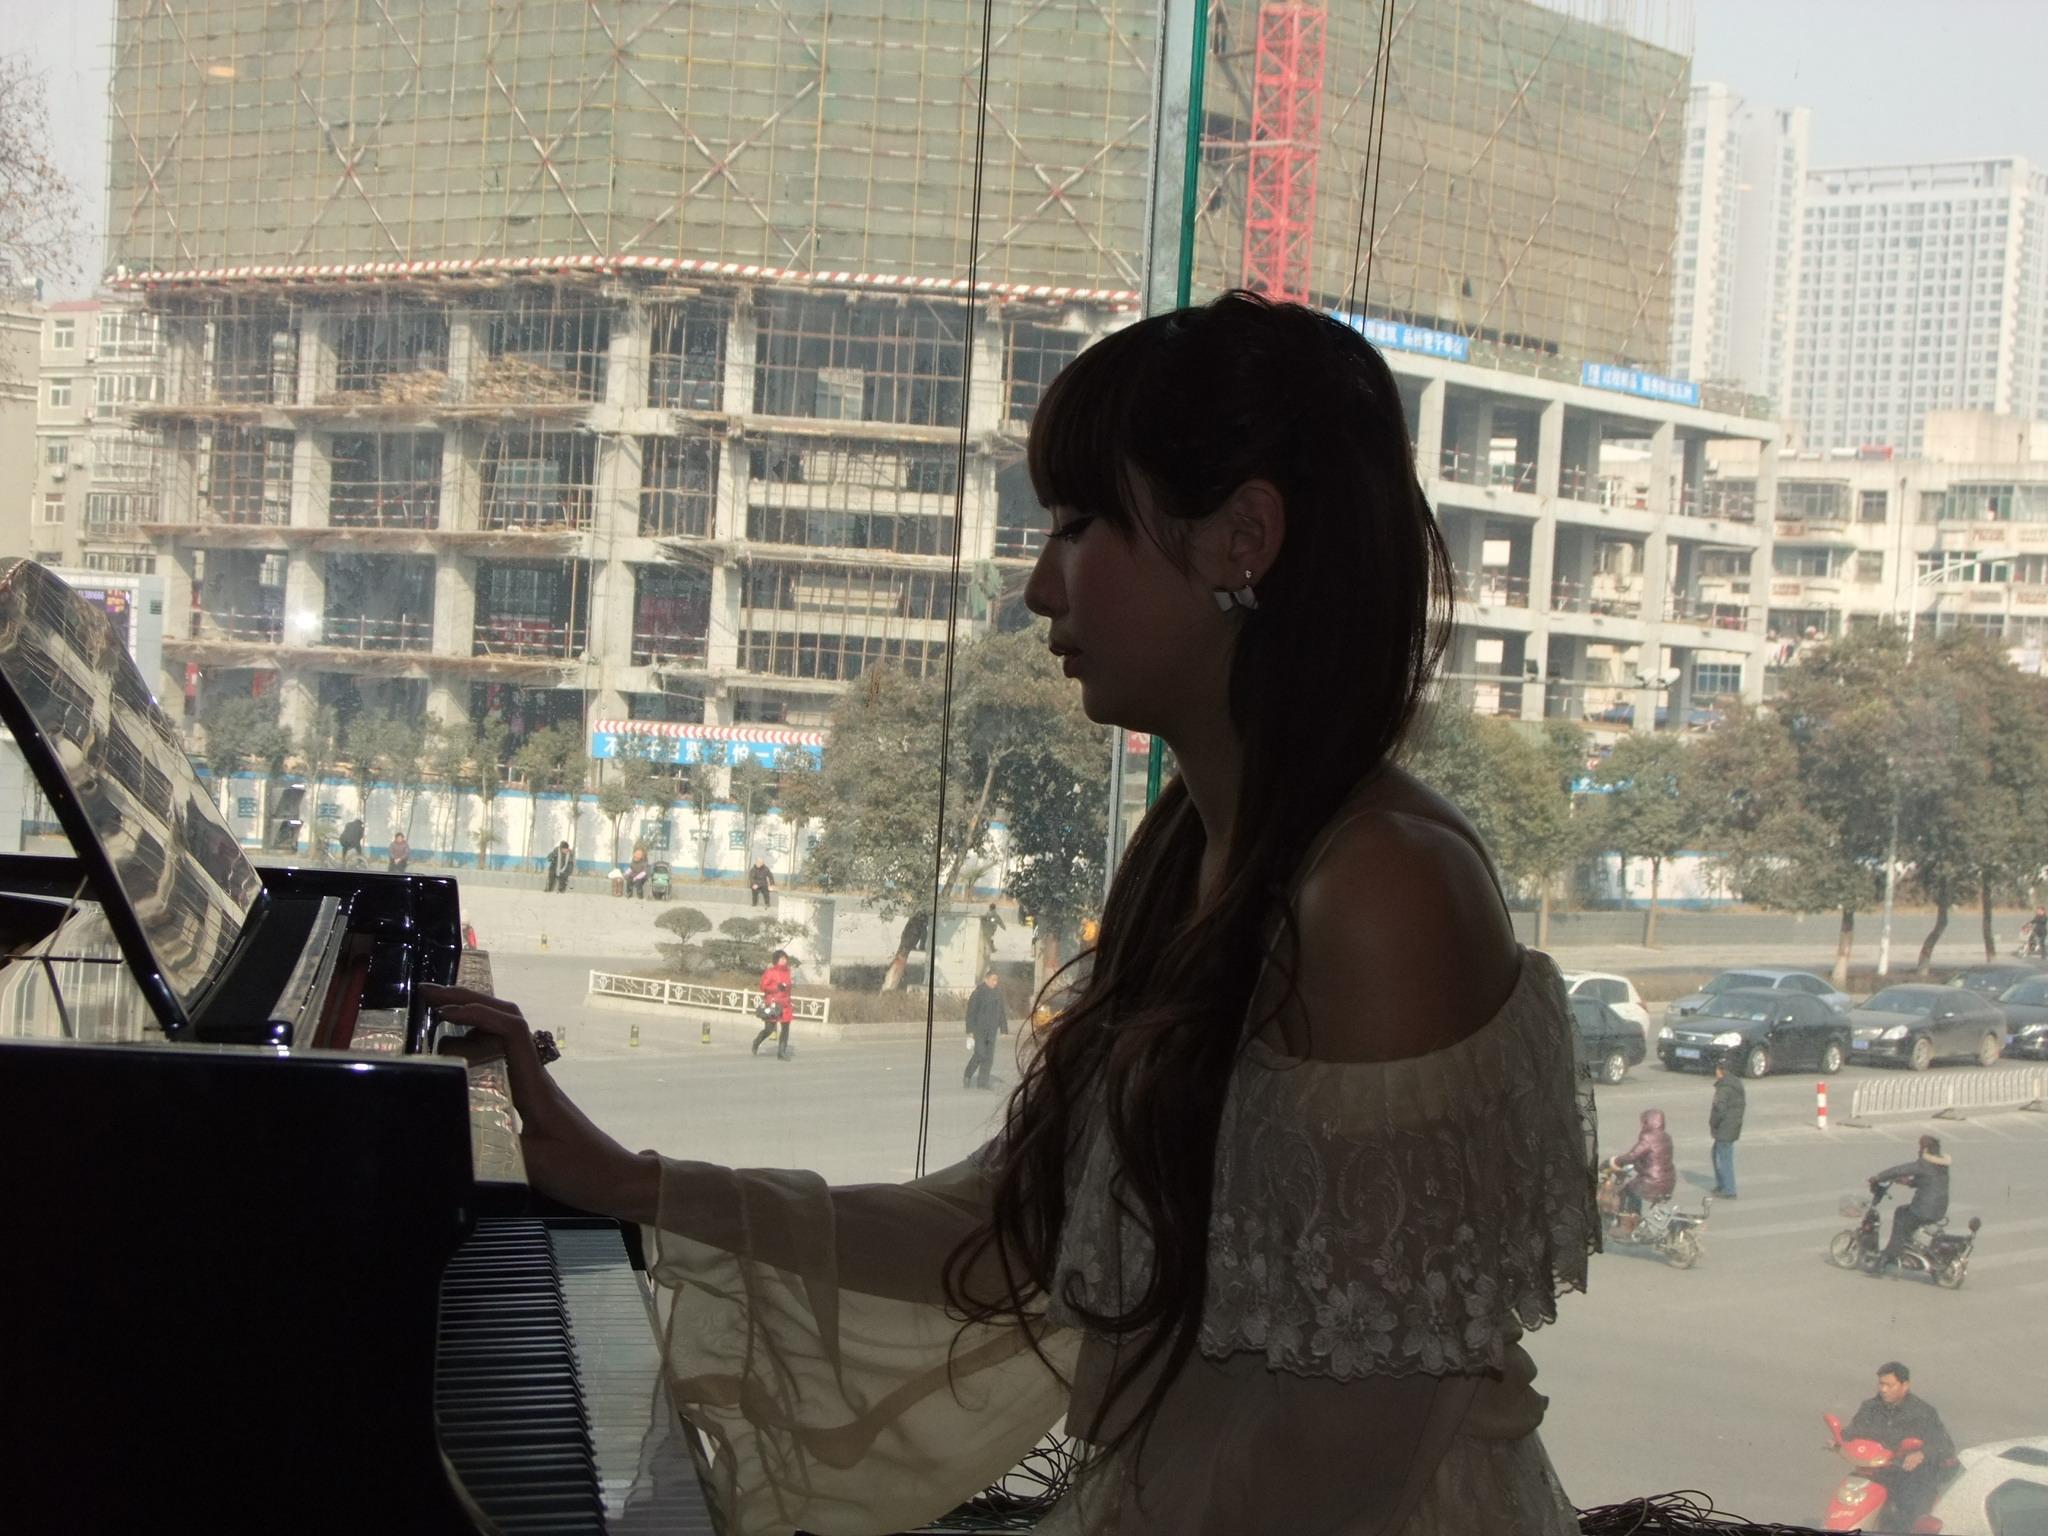 美女弹钢琴; 女生弹钢琴图片